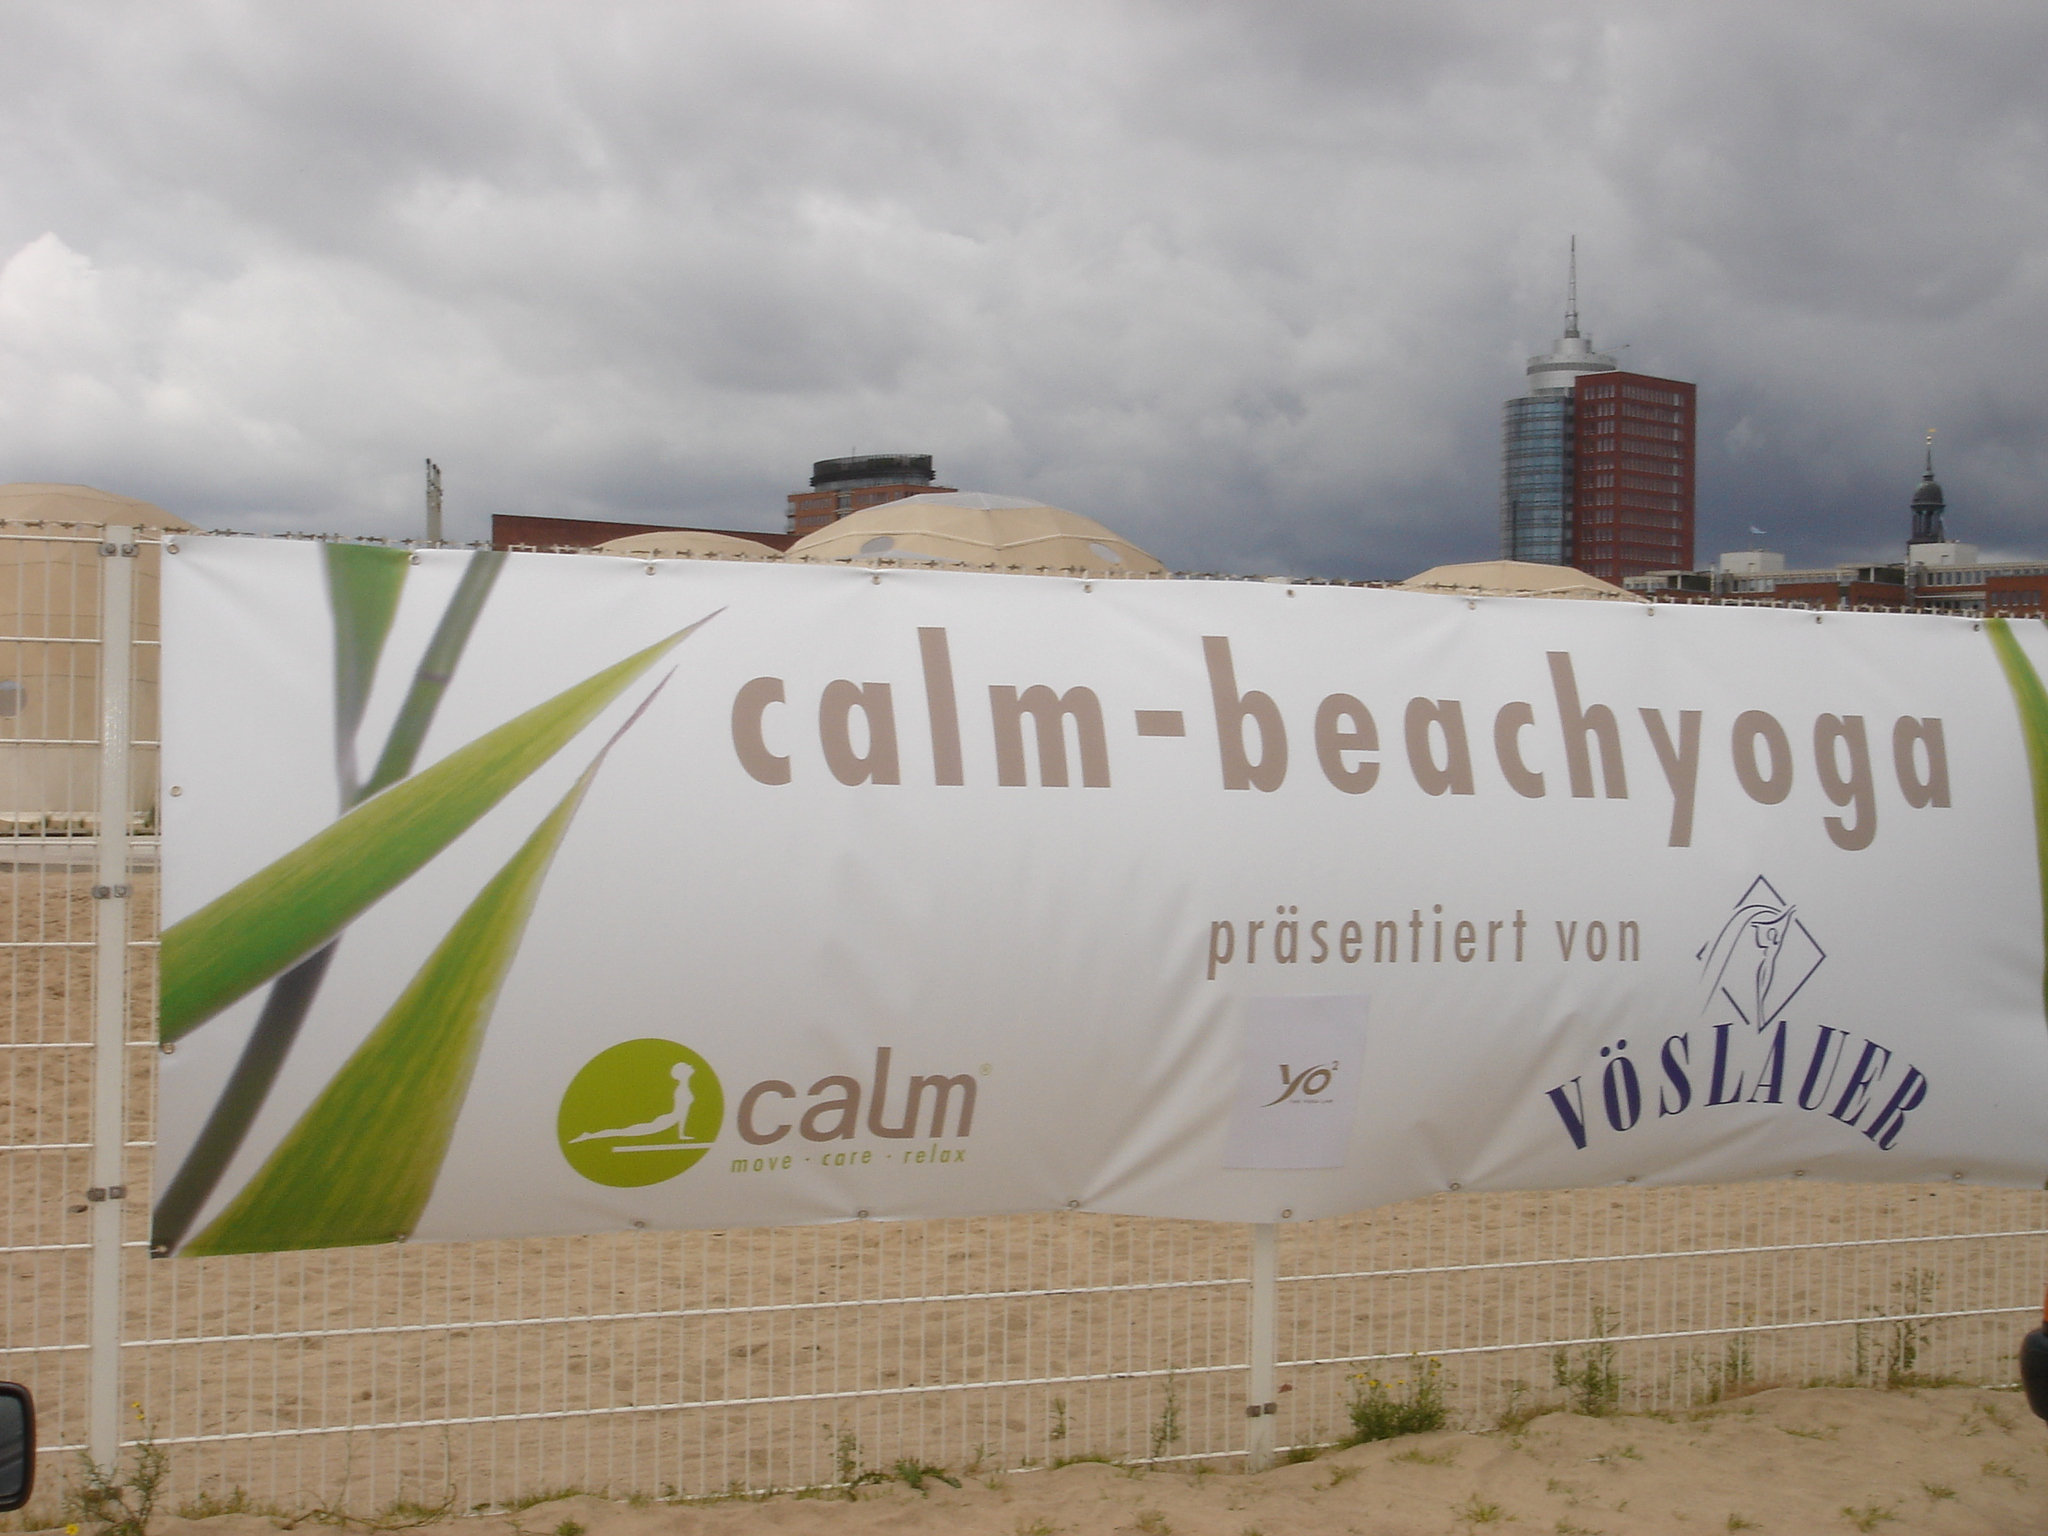 Calm Beachyoga Tage